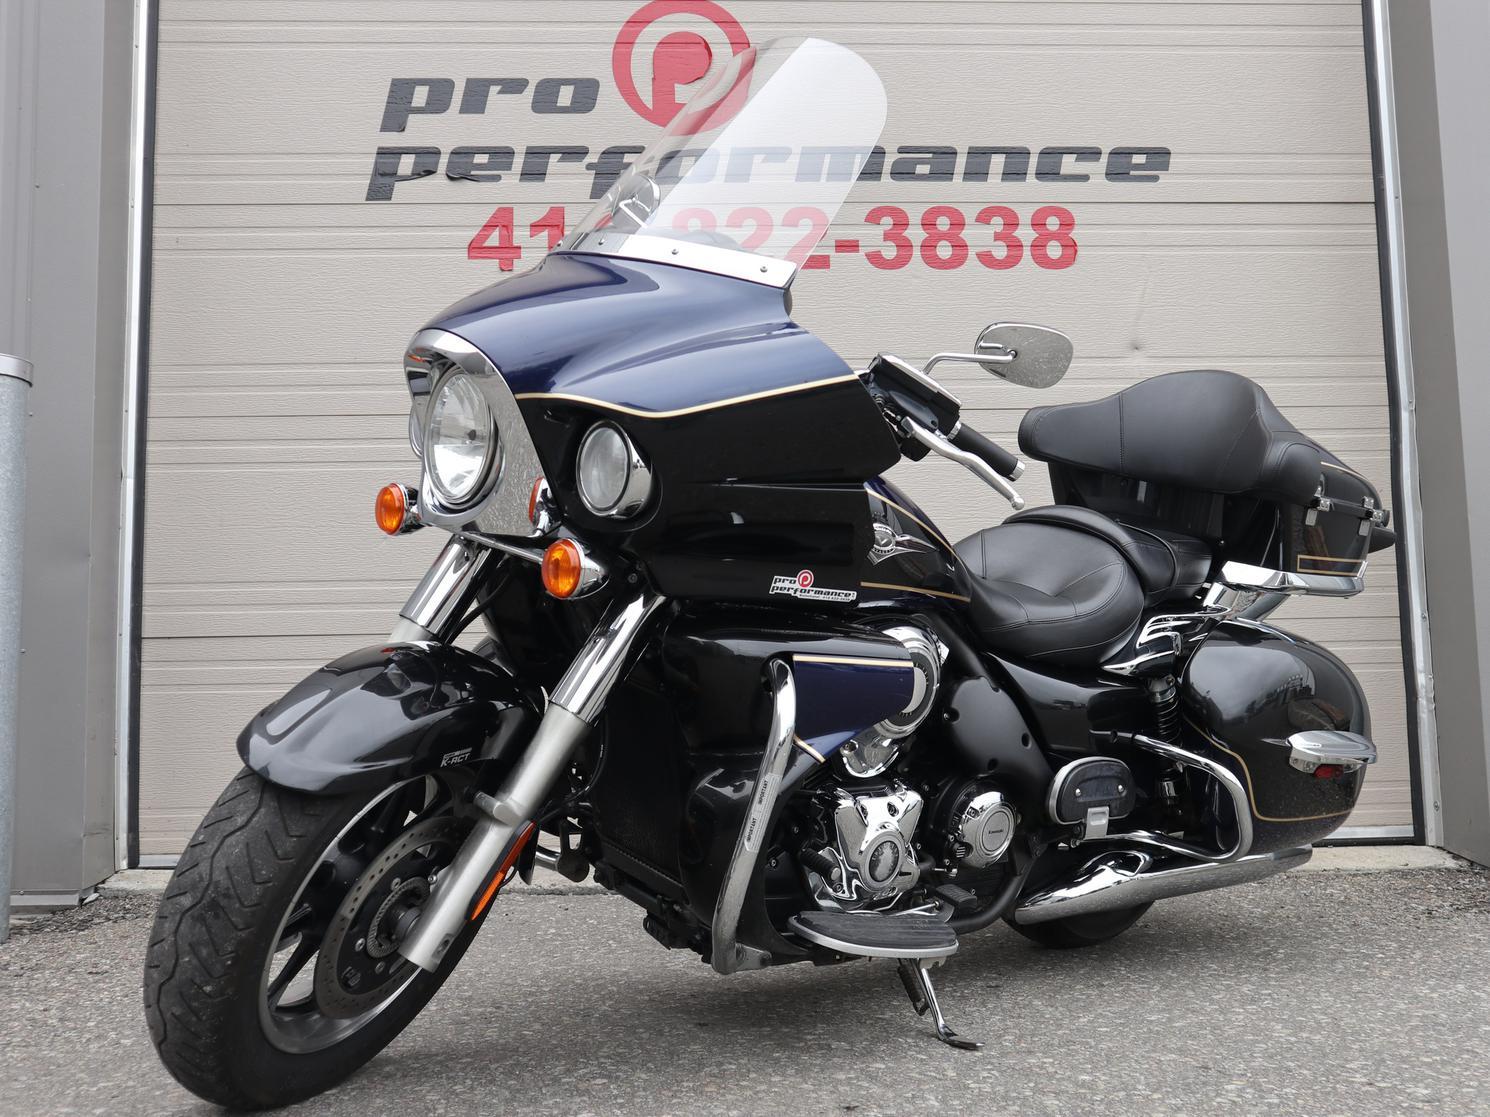 Kawasaki Voyageur 1700 ABS 2013 - 47$/ sem.